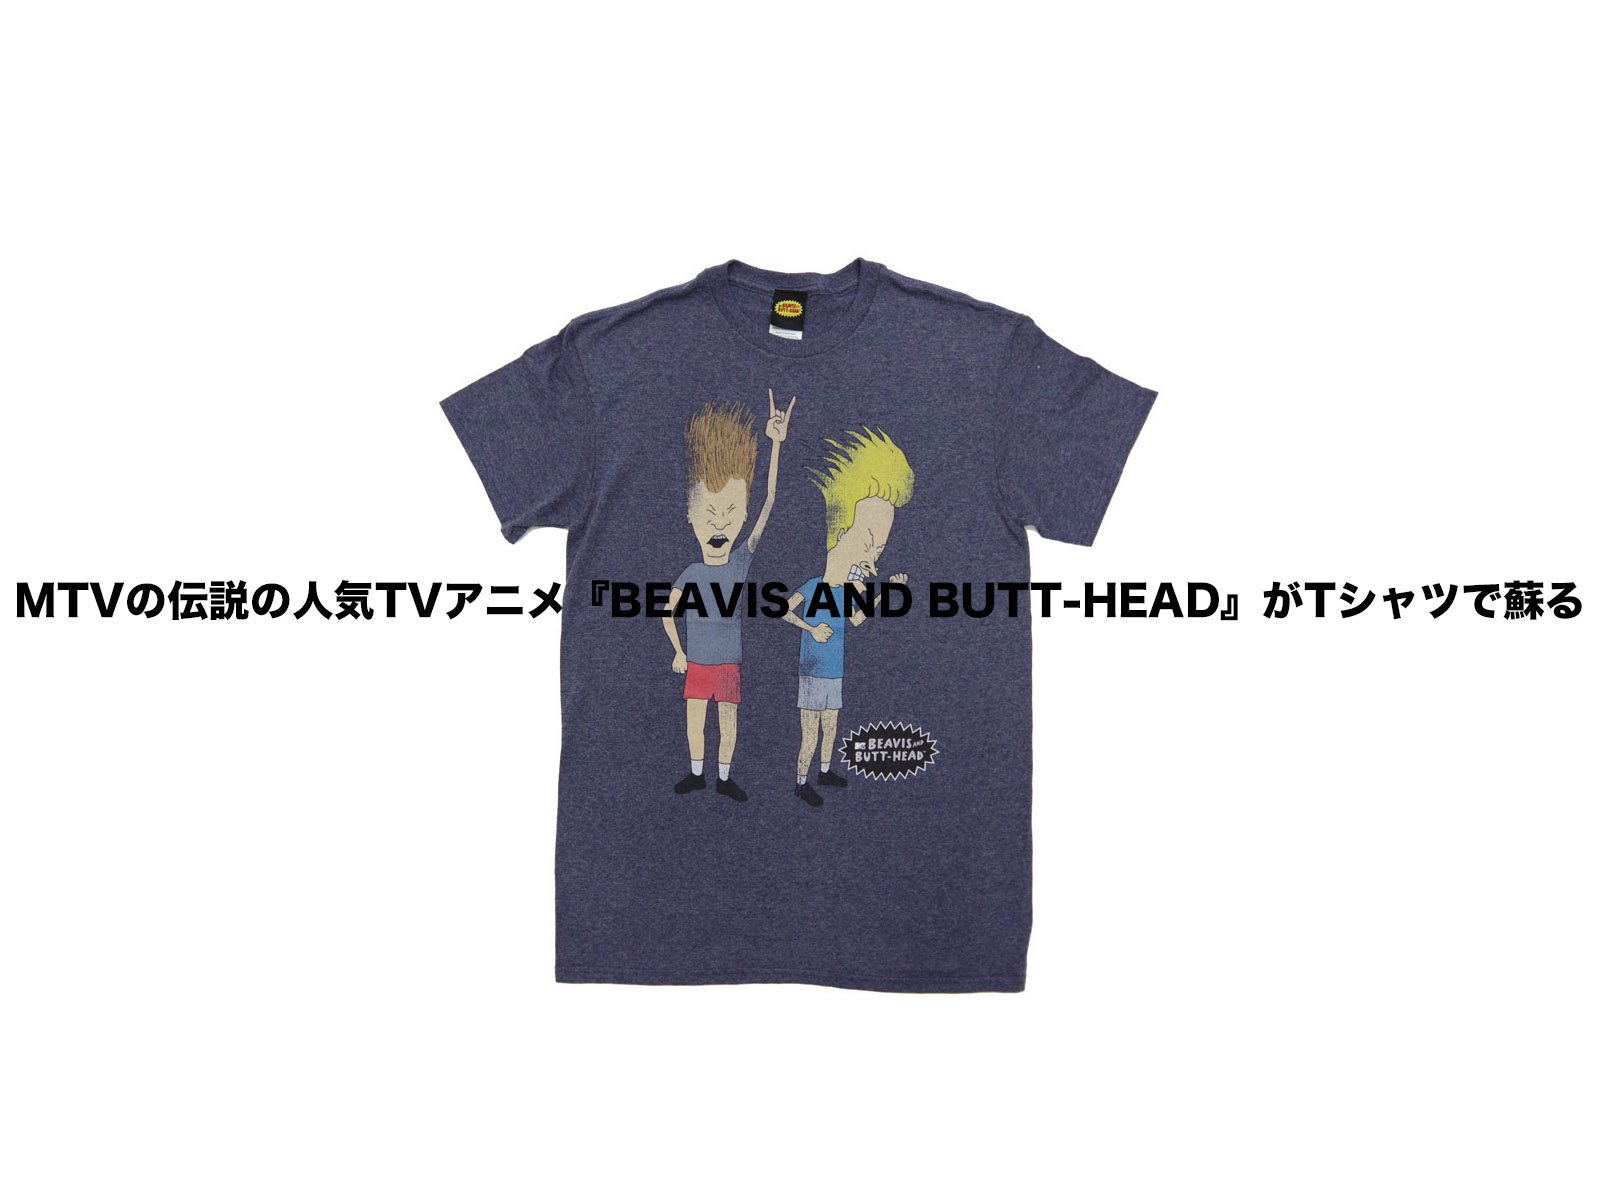 MTVの伝説の人気TVアニメ BEAVIS AND BUTT-HEAD がTシャツで蘇る